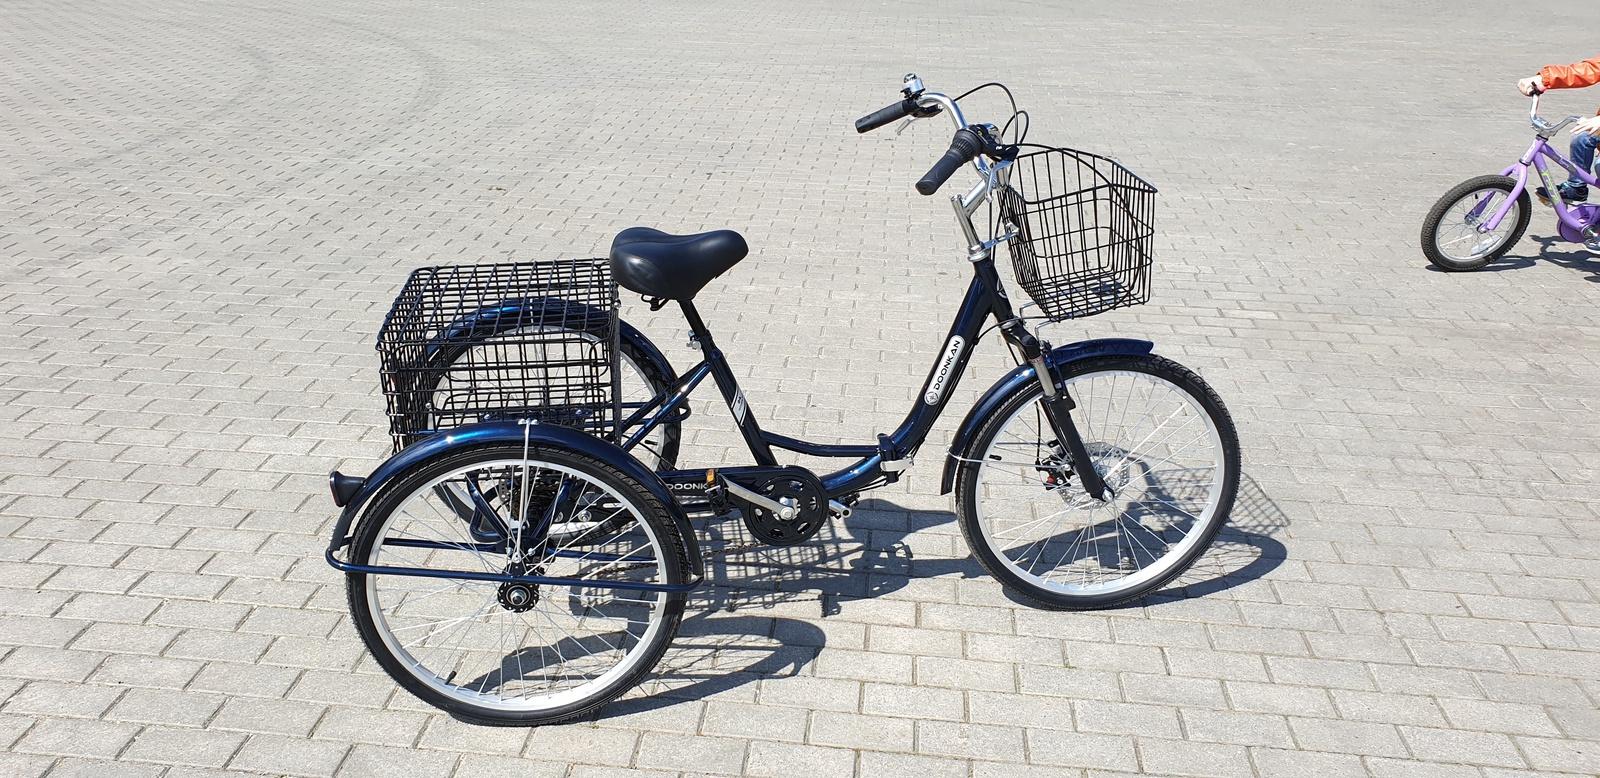 Велосипед DOONKAN Trike 24, синий